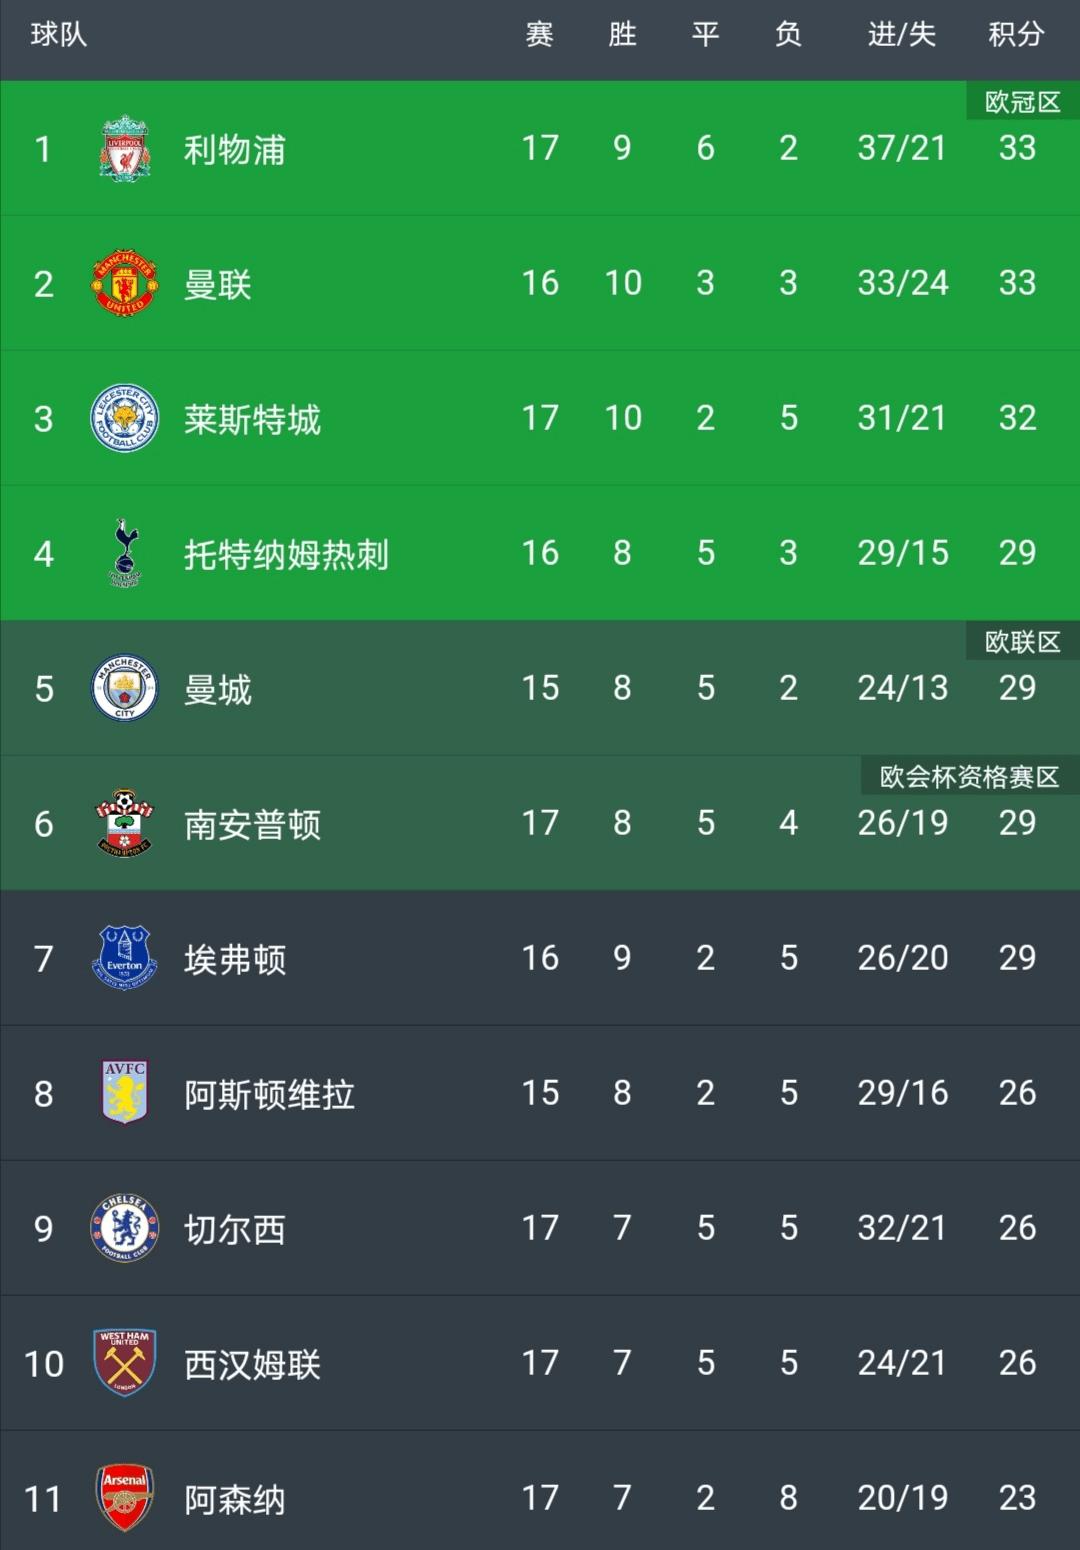 原创             0-1!利物浦3轮不胜,榜首位置已不保,主动权在曼城和曼联